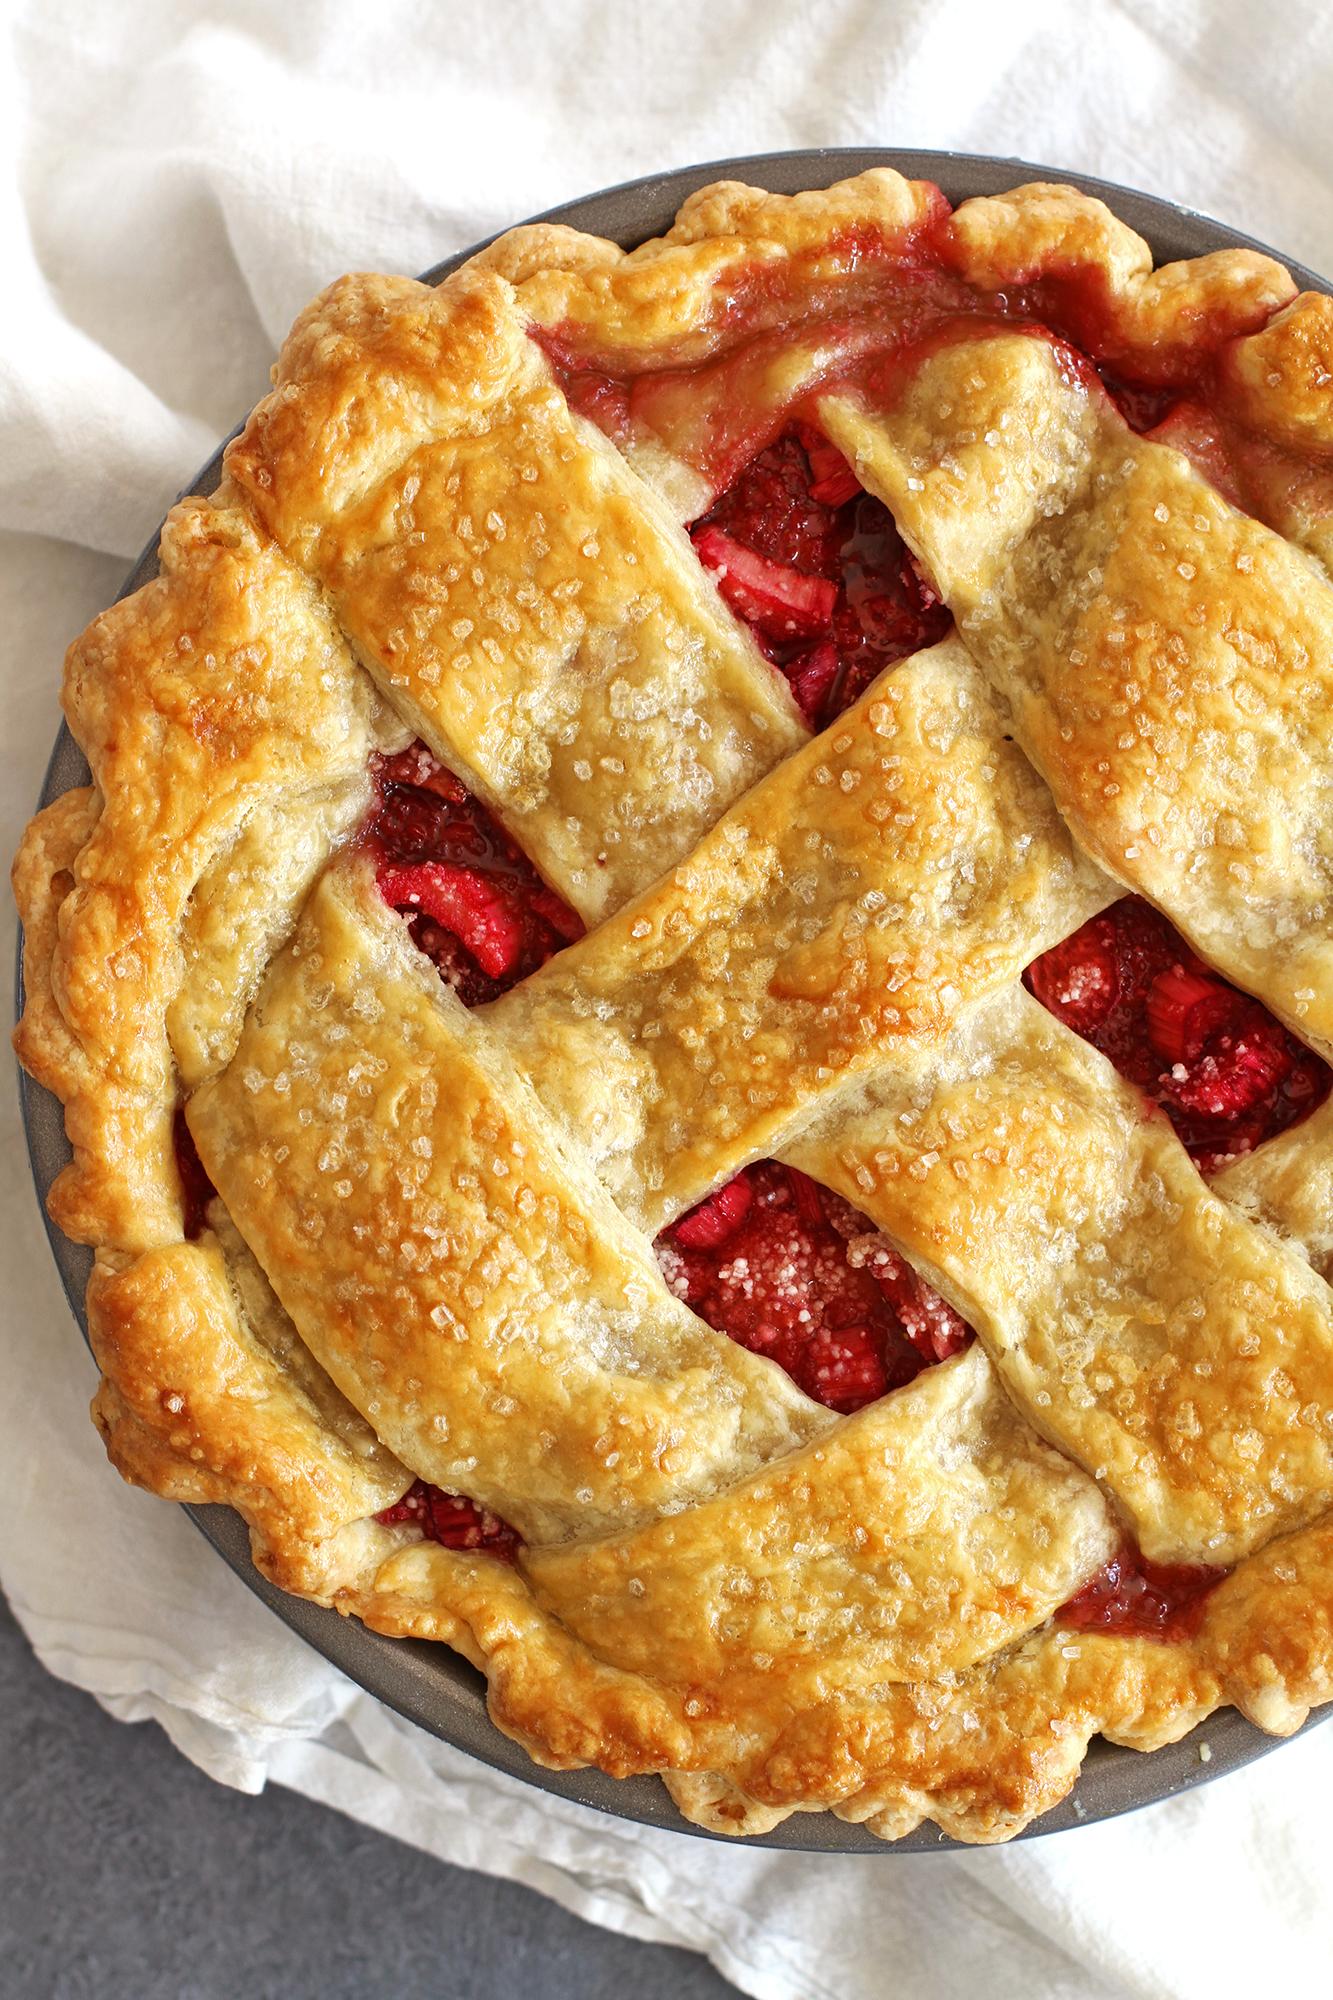 Strawberry Rhubarb Pie | girlversusdough.com @girlversusdough